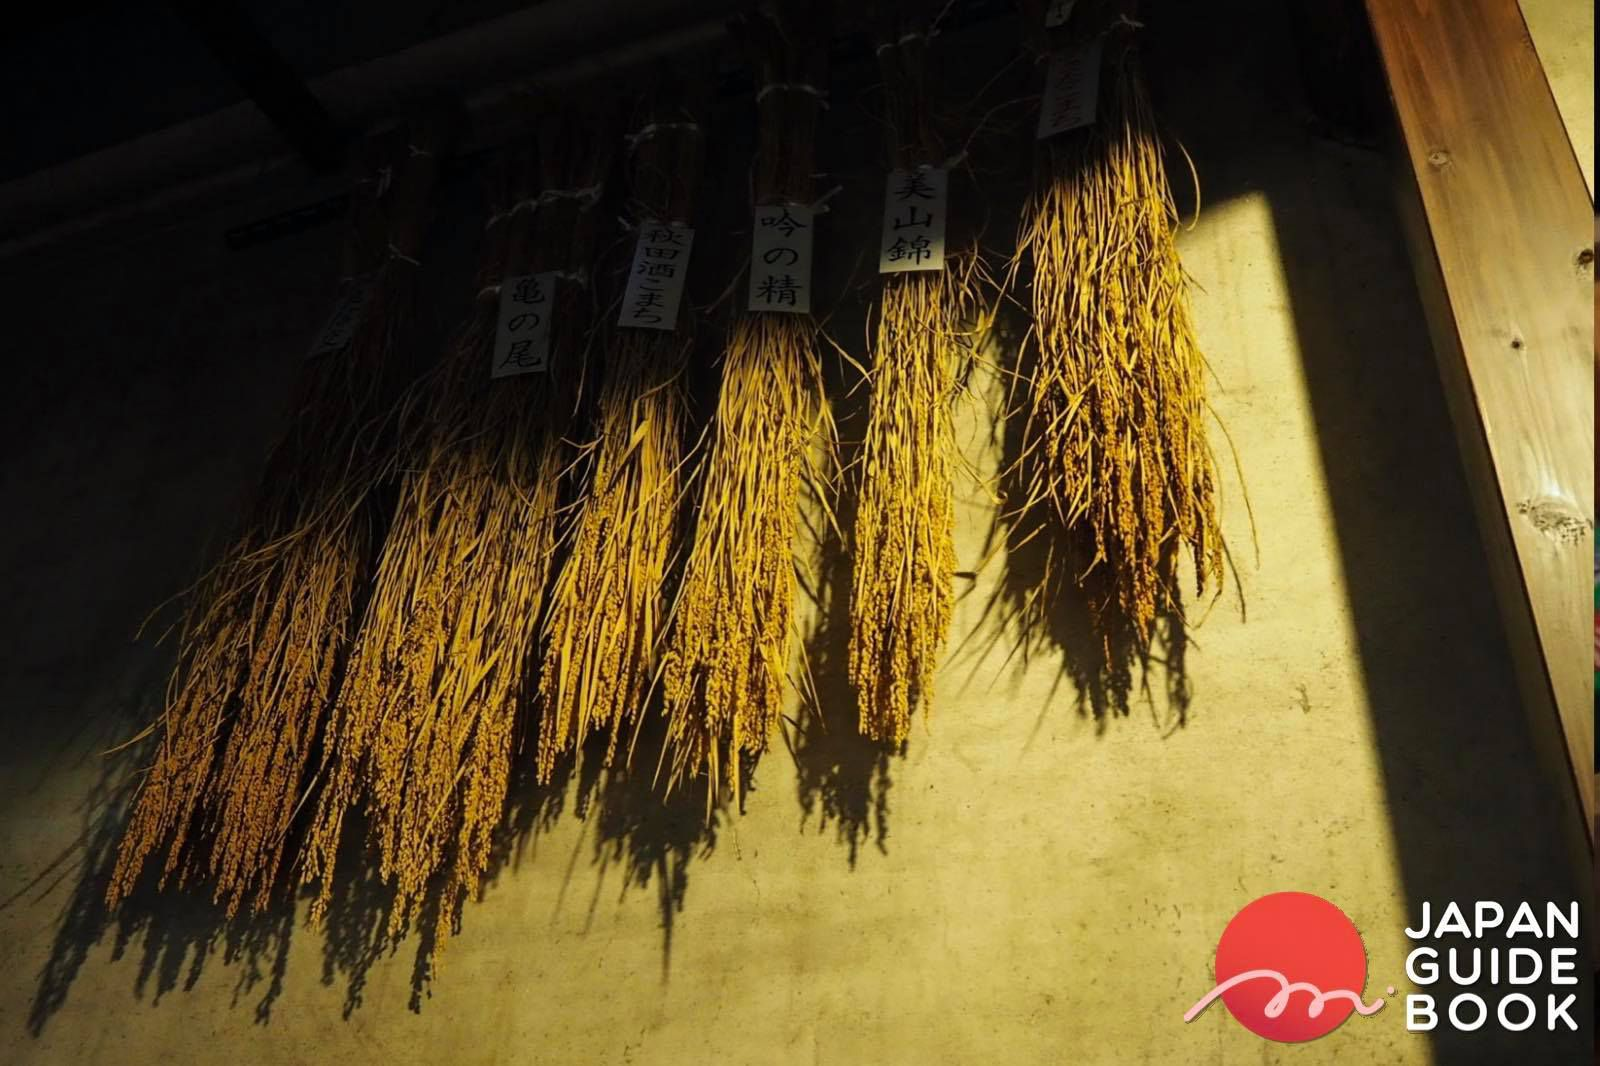 พันธุ์ข้าวที่นำมาทำนิฮงชู